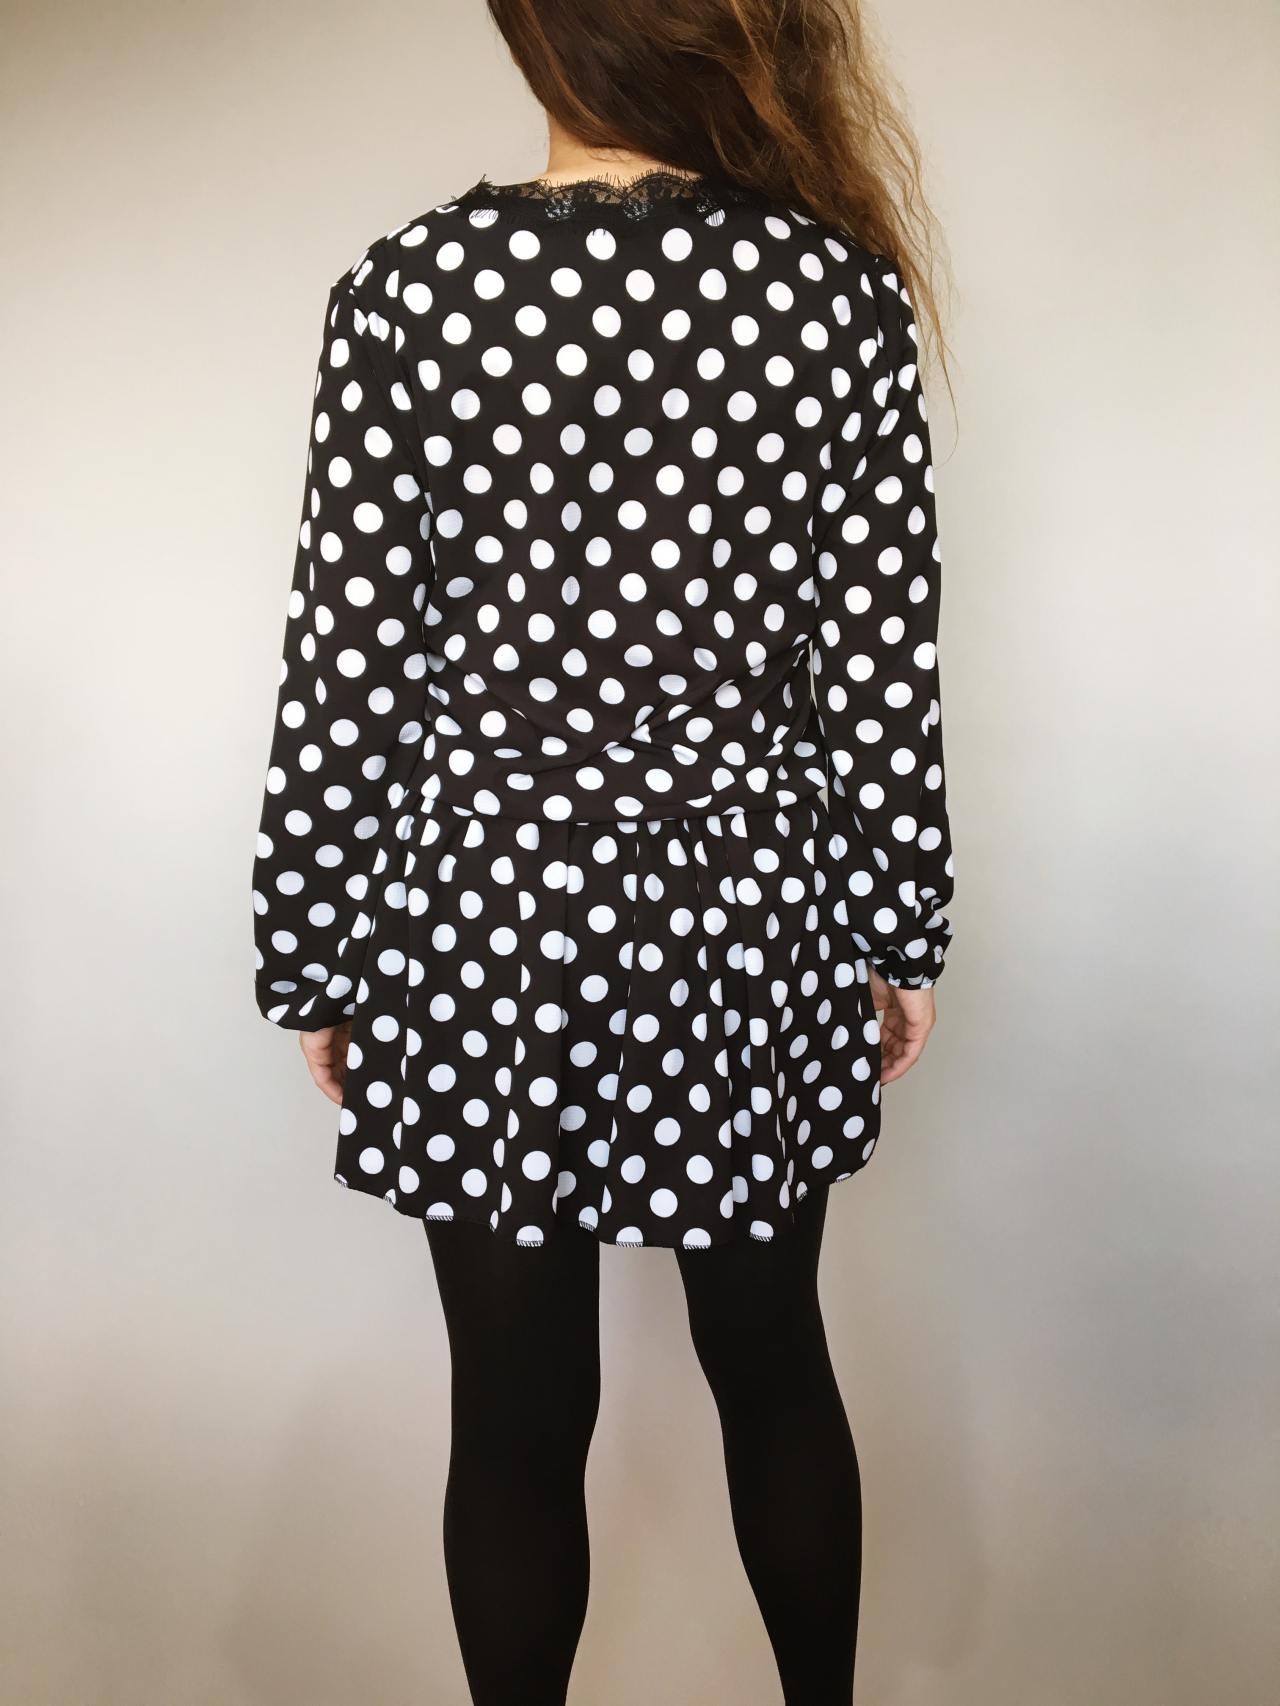 Šaty s puntíky 04